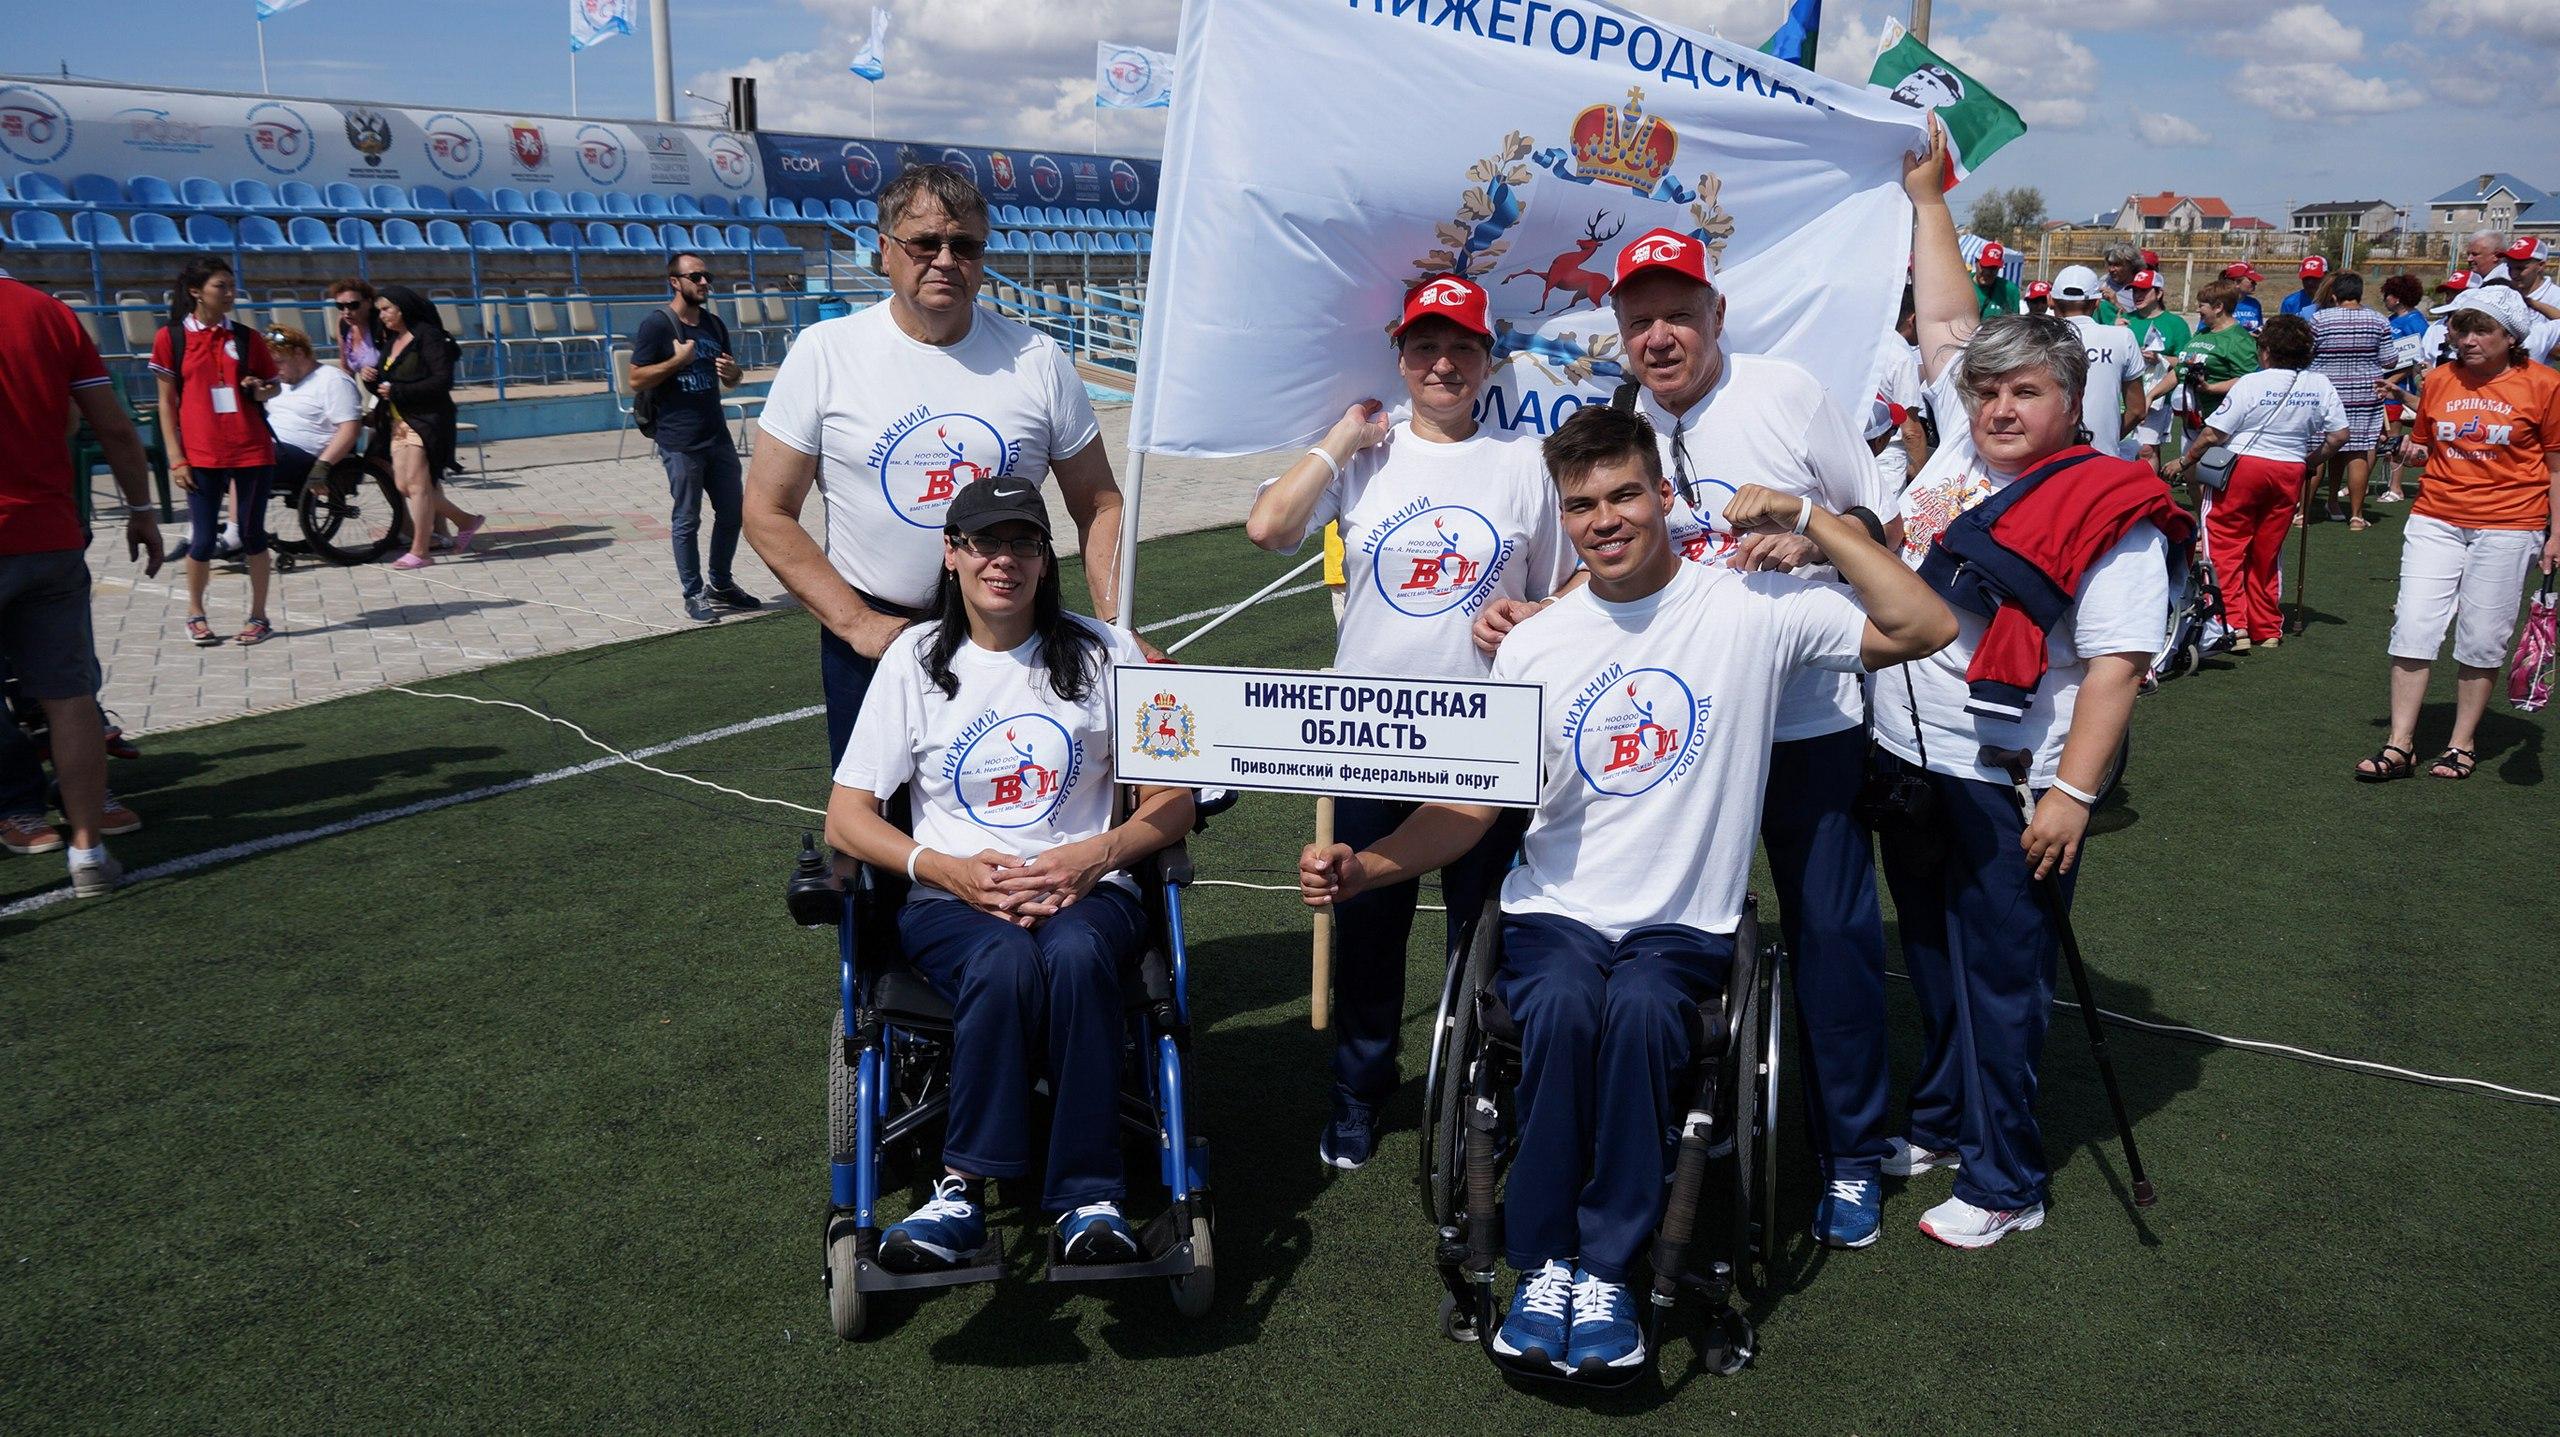 В Евпатории (Крым) с 5-10 сентября проходит Всероссийский спортивный фестиваль